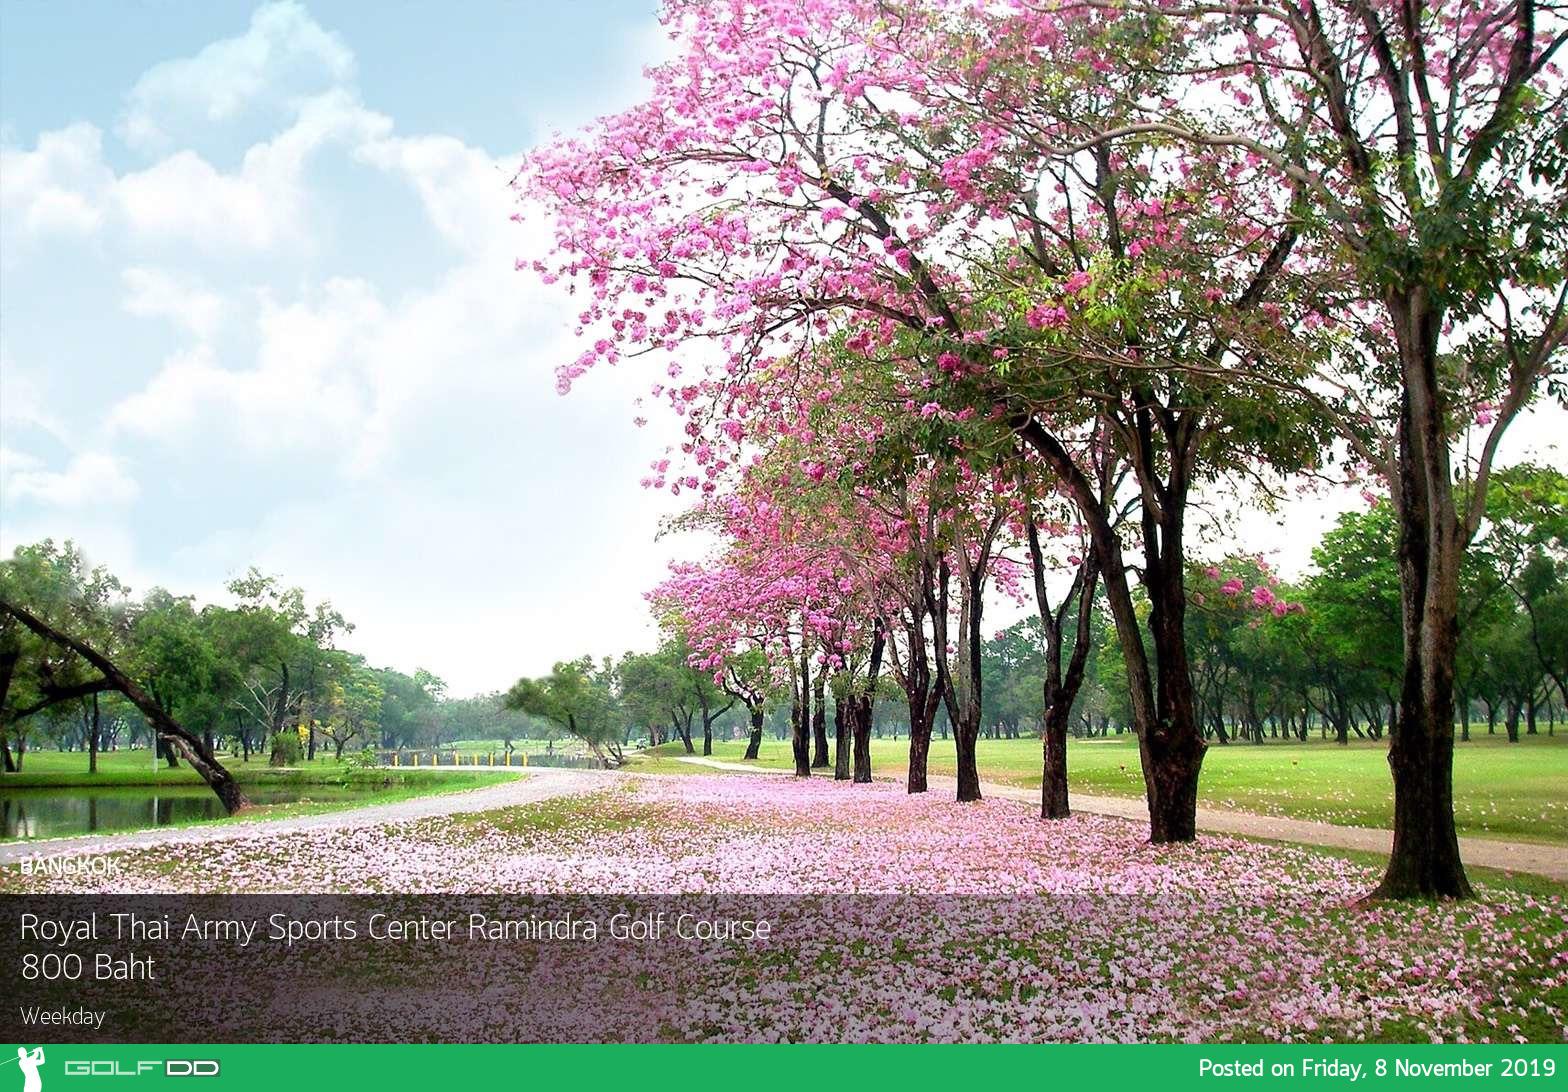 Royal Thai Army Sports Center Ramindra Golf Course ออกรอบชิวๆกลางเมืองกรุง เดินทางง่าย สะดวกสบาย